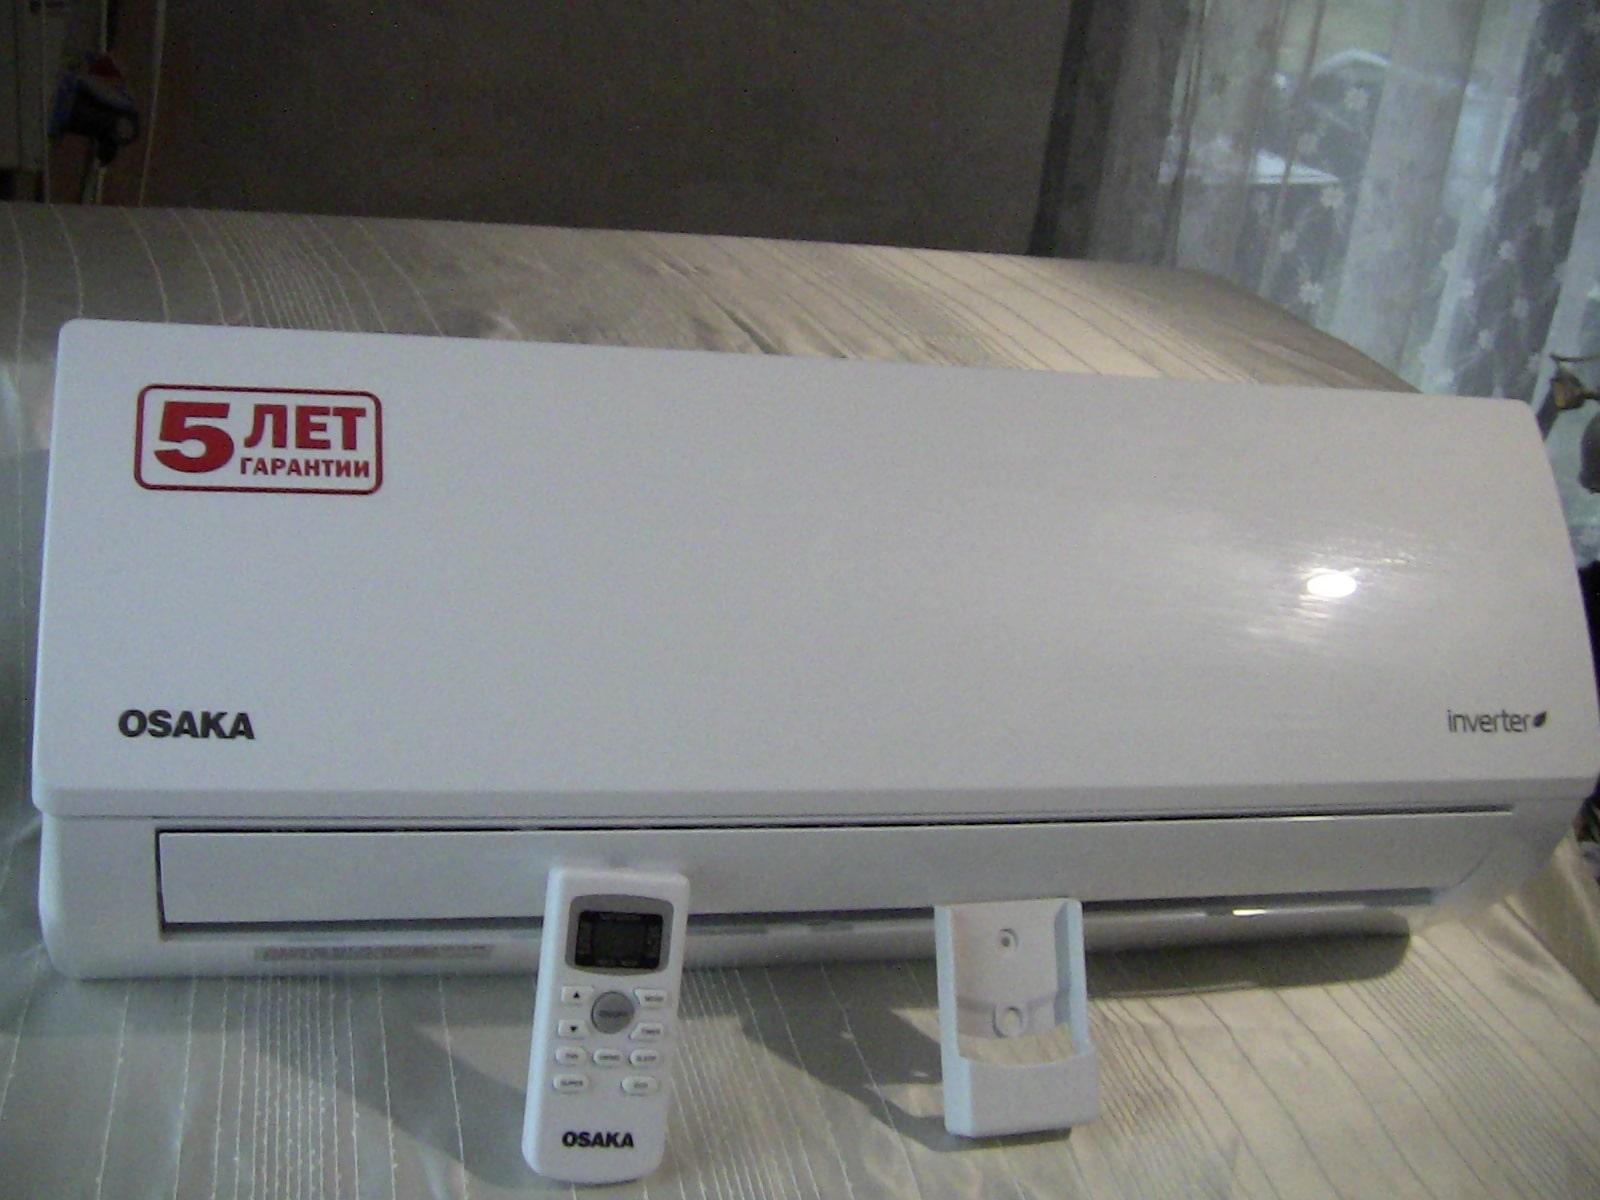 Зображення кондиціонера OSAKA для спальної кімнати